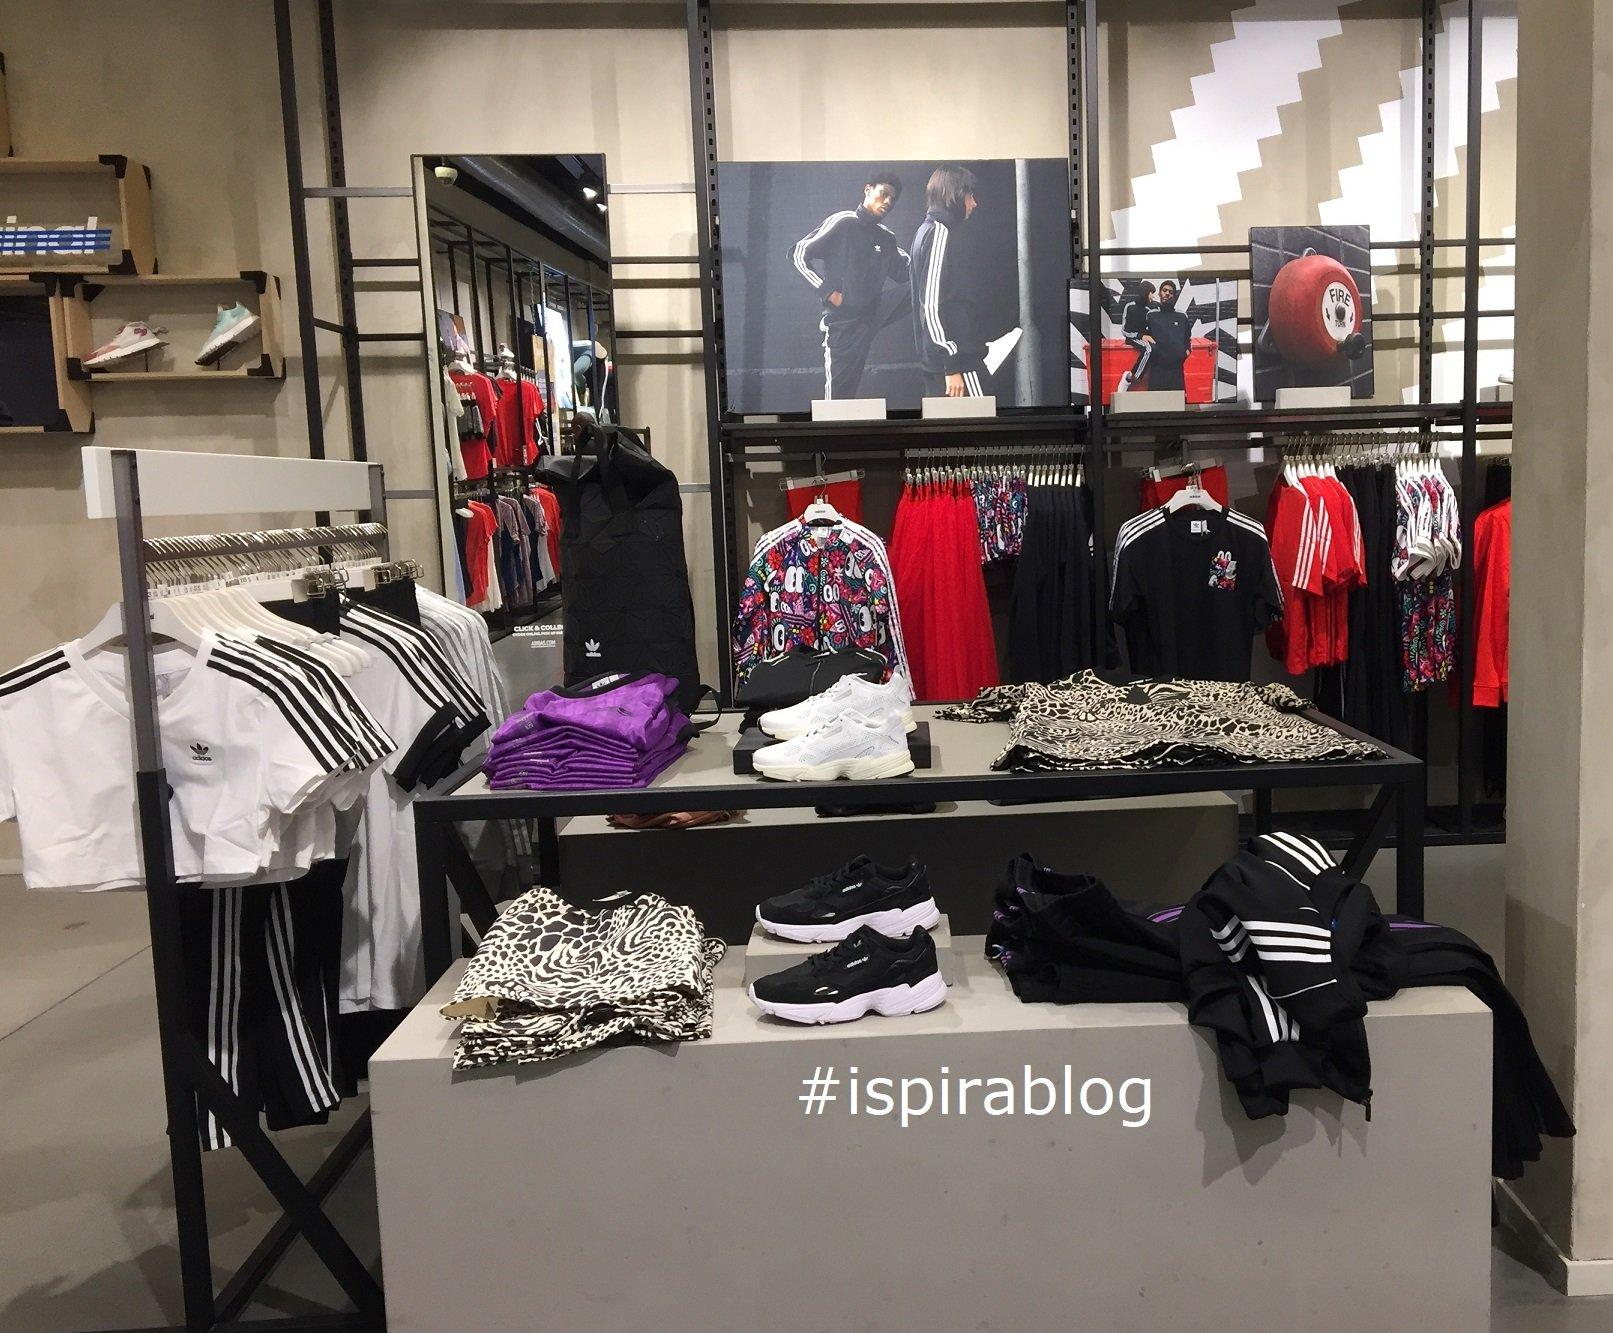 Adidas - Ispira Blog